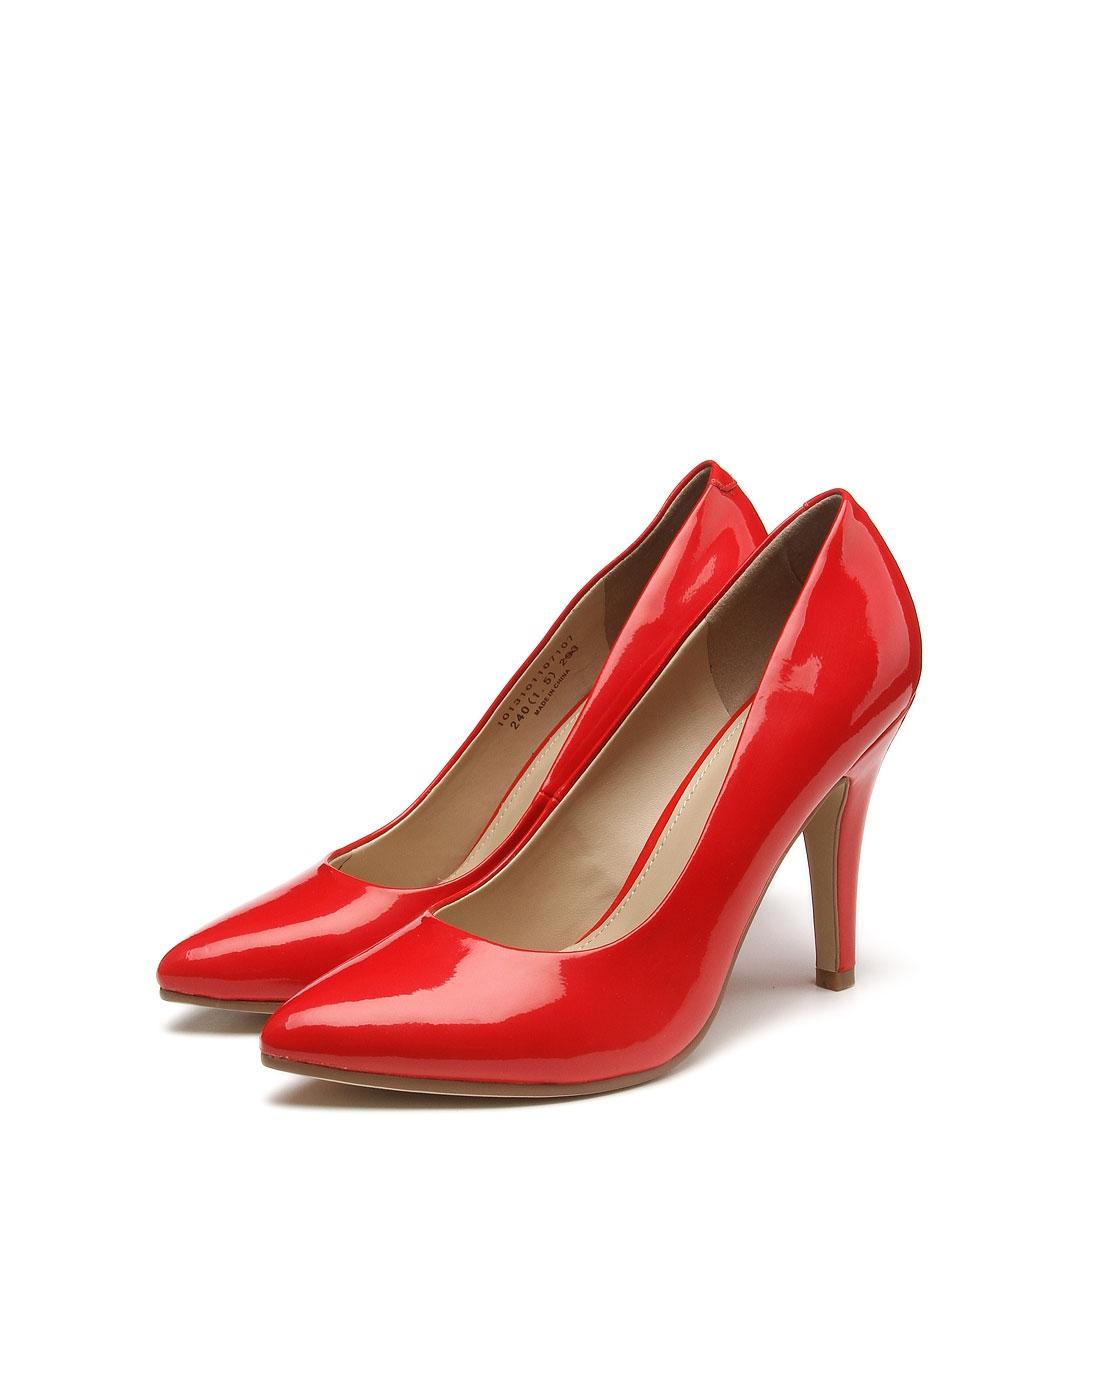 > 魅力红色高跟鞋